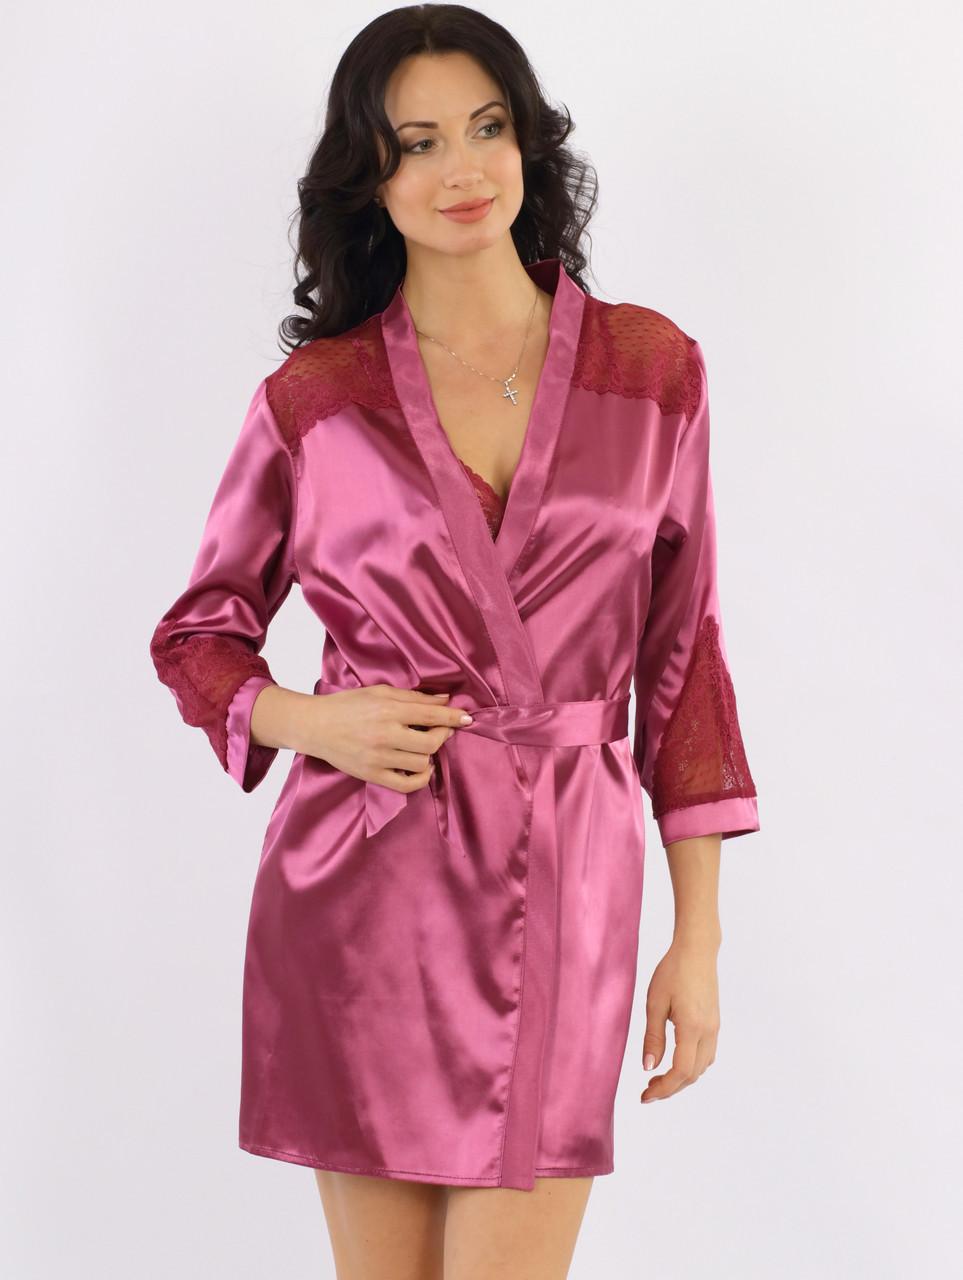 Атласный халат женский с кружевом на запах шелковый, малиновый